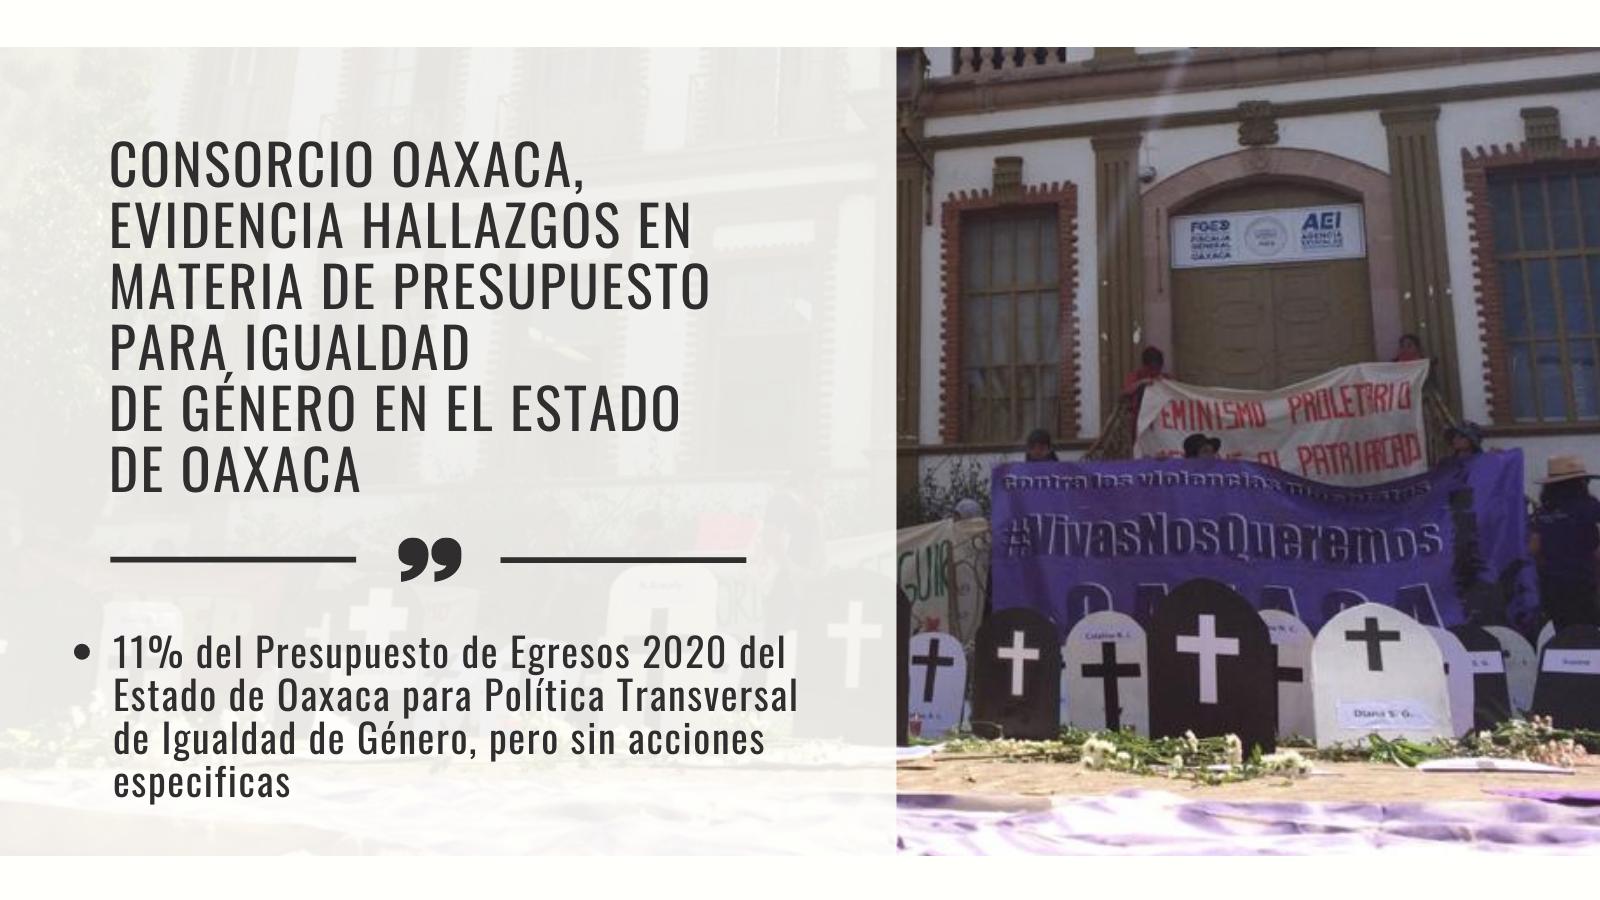 Consorcio Oaxaca, evidencia hallazgos en materia de presupuesto para Igualdad de Género en el estado de Oaxaca